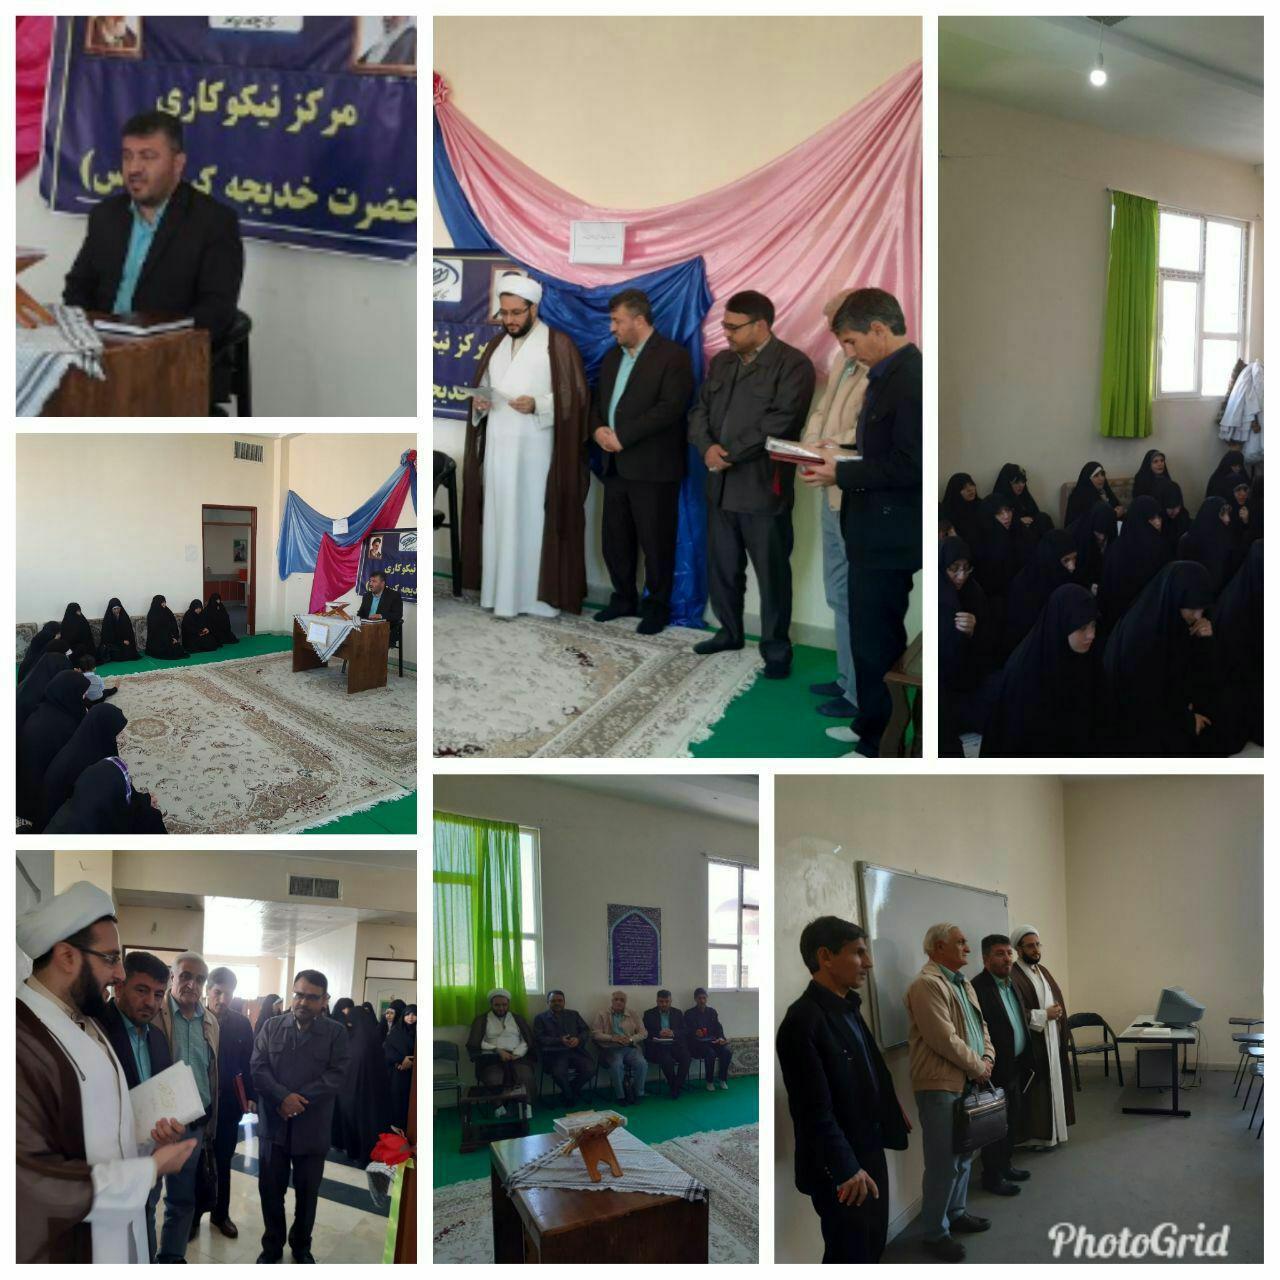 افتتاح مرکز نیکوکاری حضرت خدیجه کبری (س) در شهر پرند